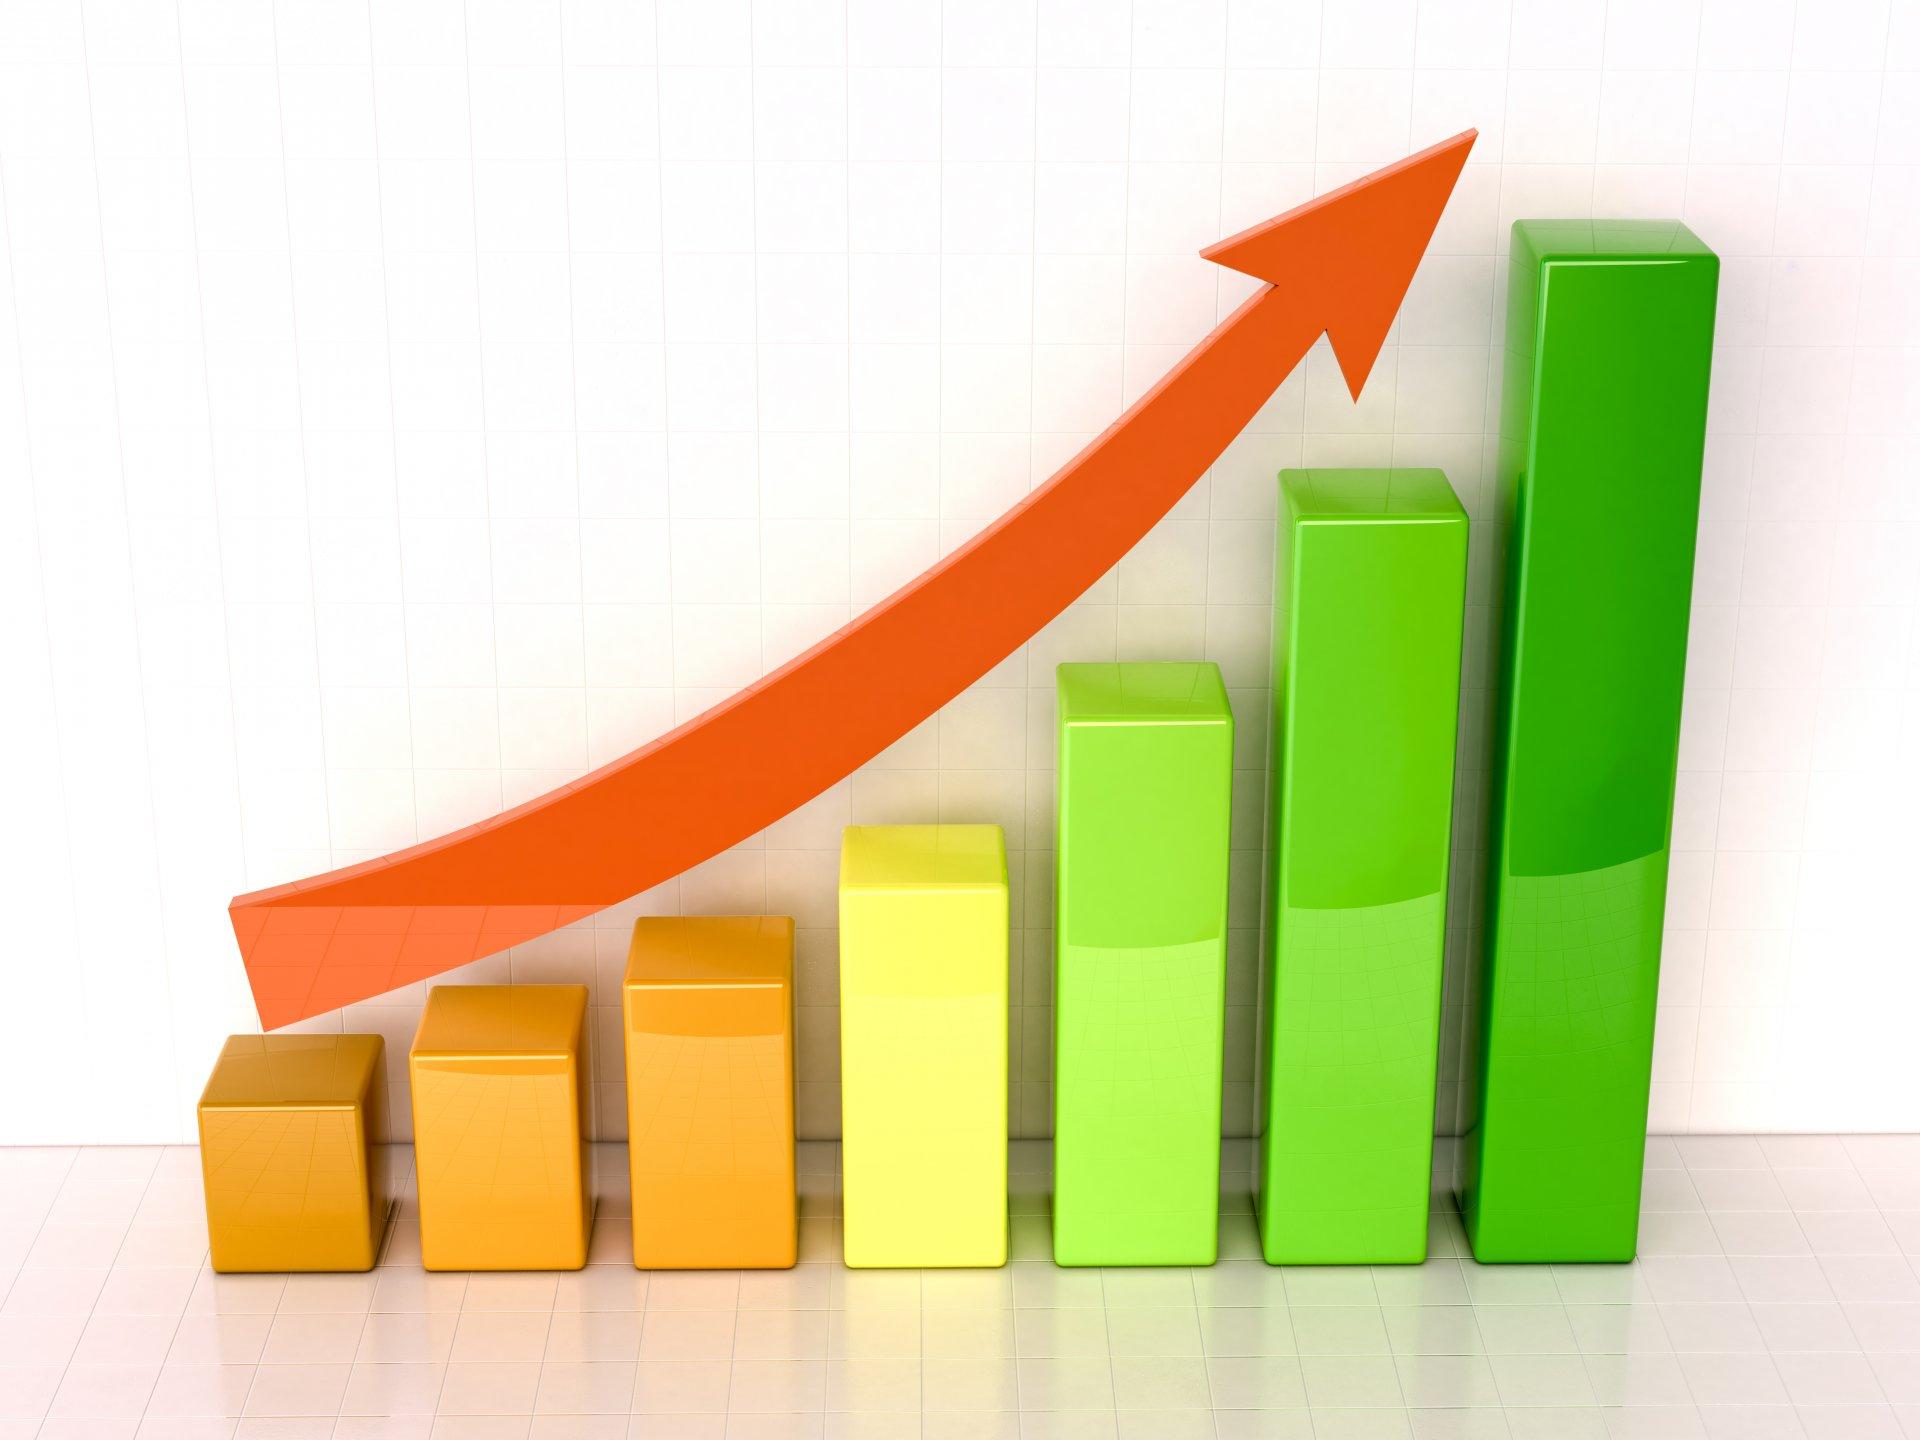 В рейтинге инвестиционной активности Костромская область вошла в двадцатку лучших регионов